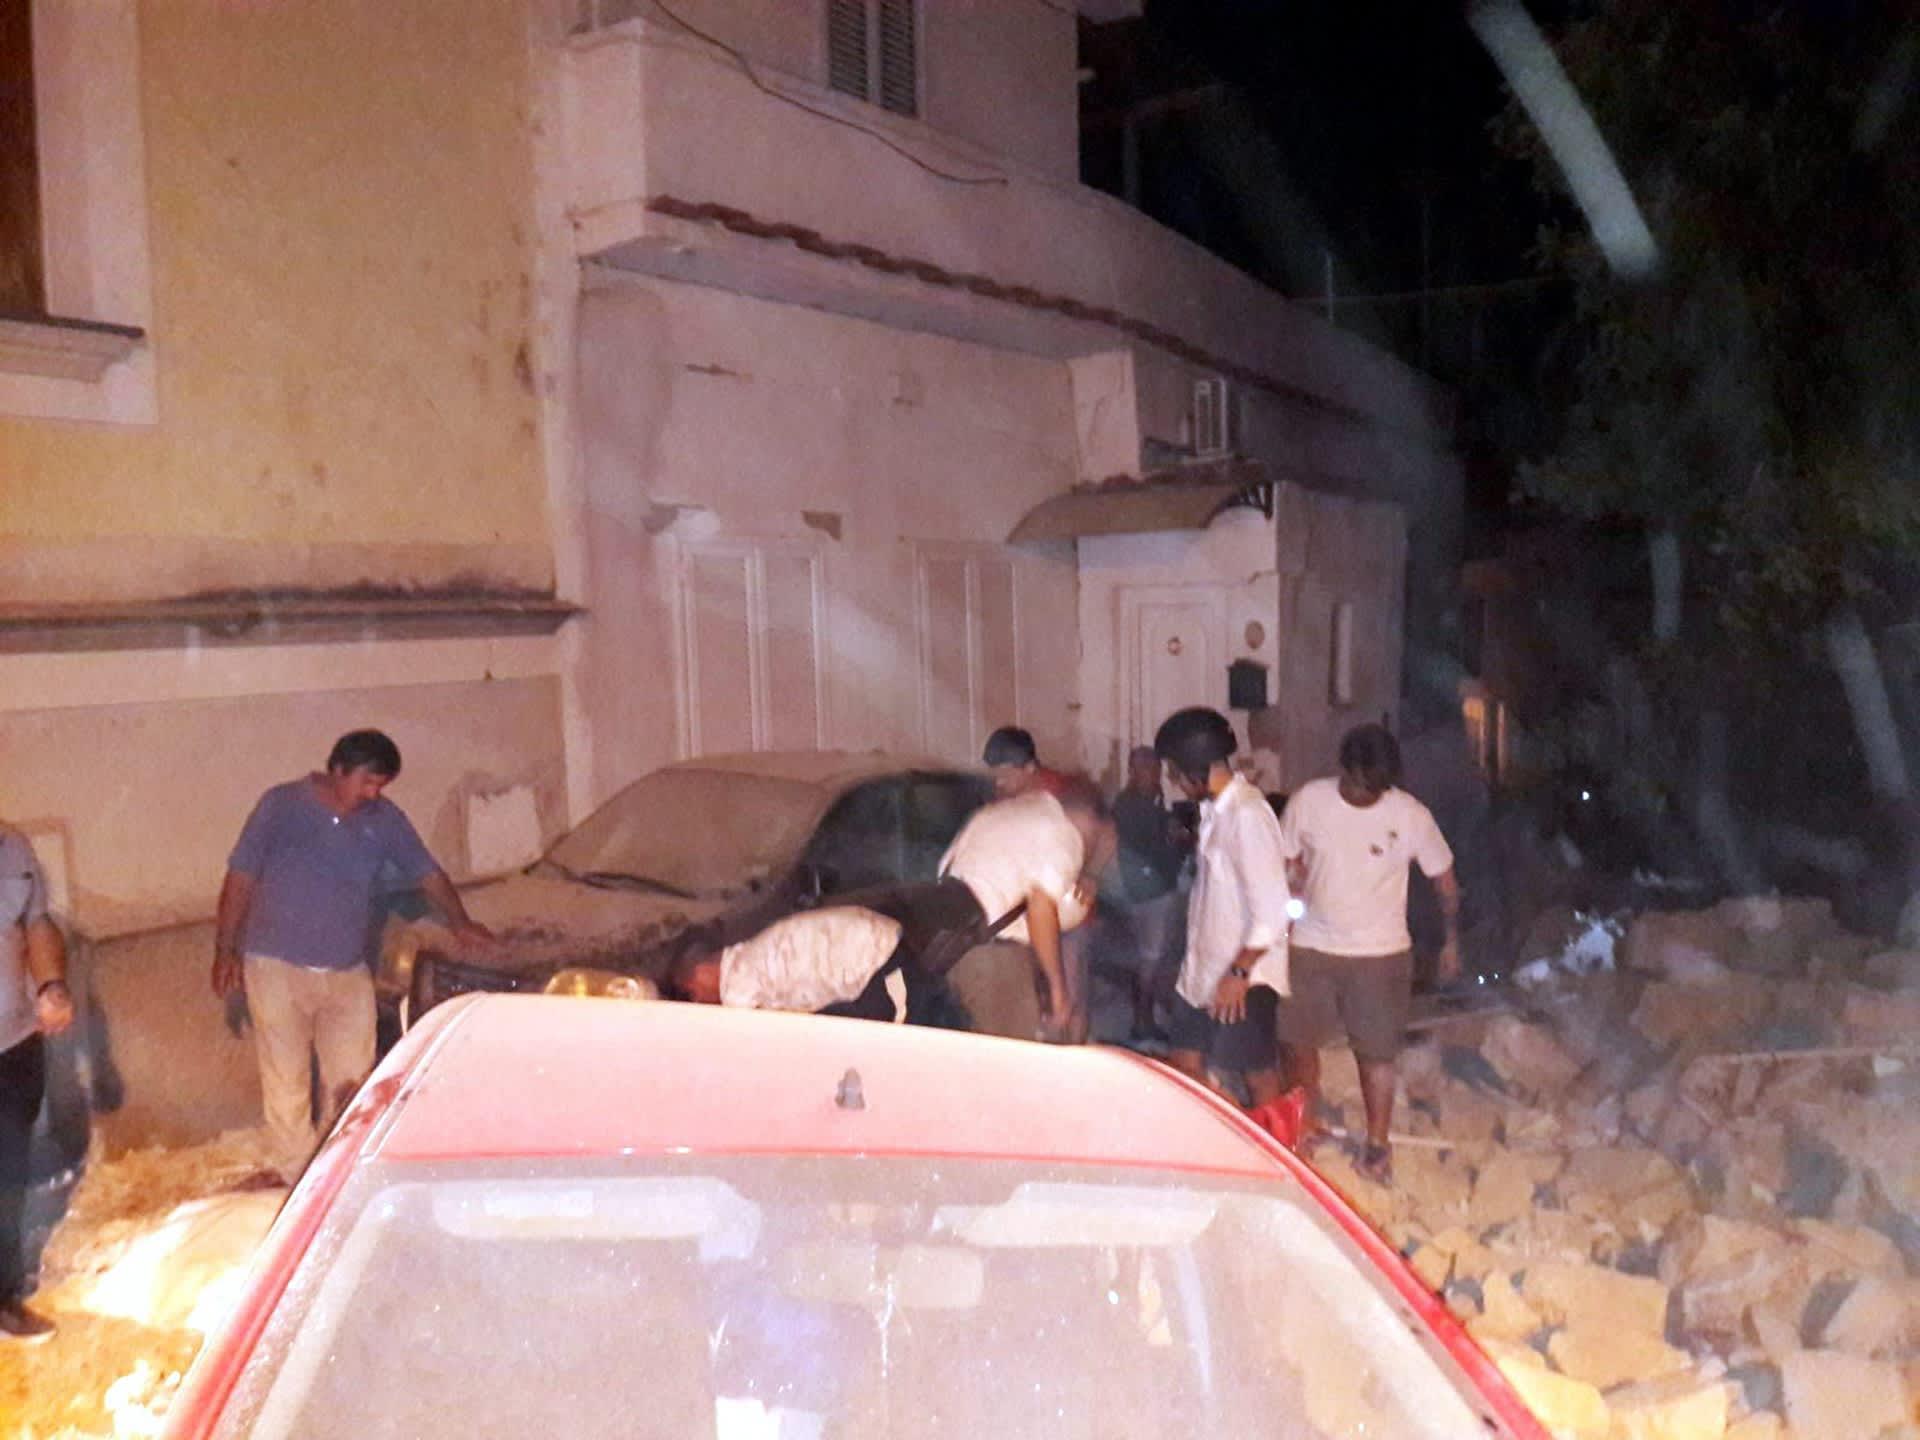 Sortuneita rakennuksia Ischian saarella maanjäristyksen jälkeen. Ihmisiä pelastustöissä.